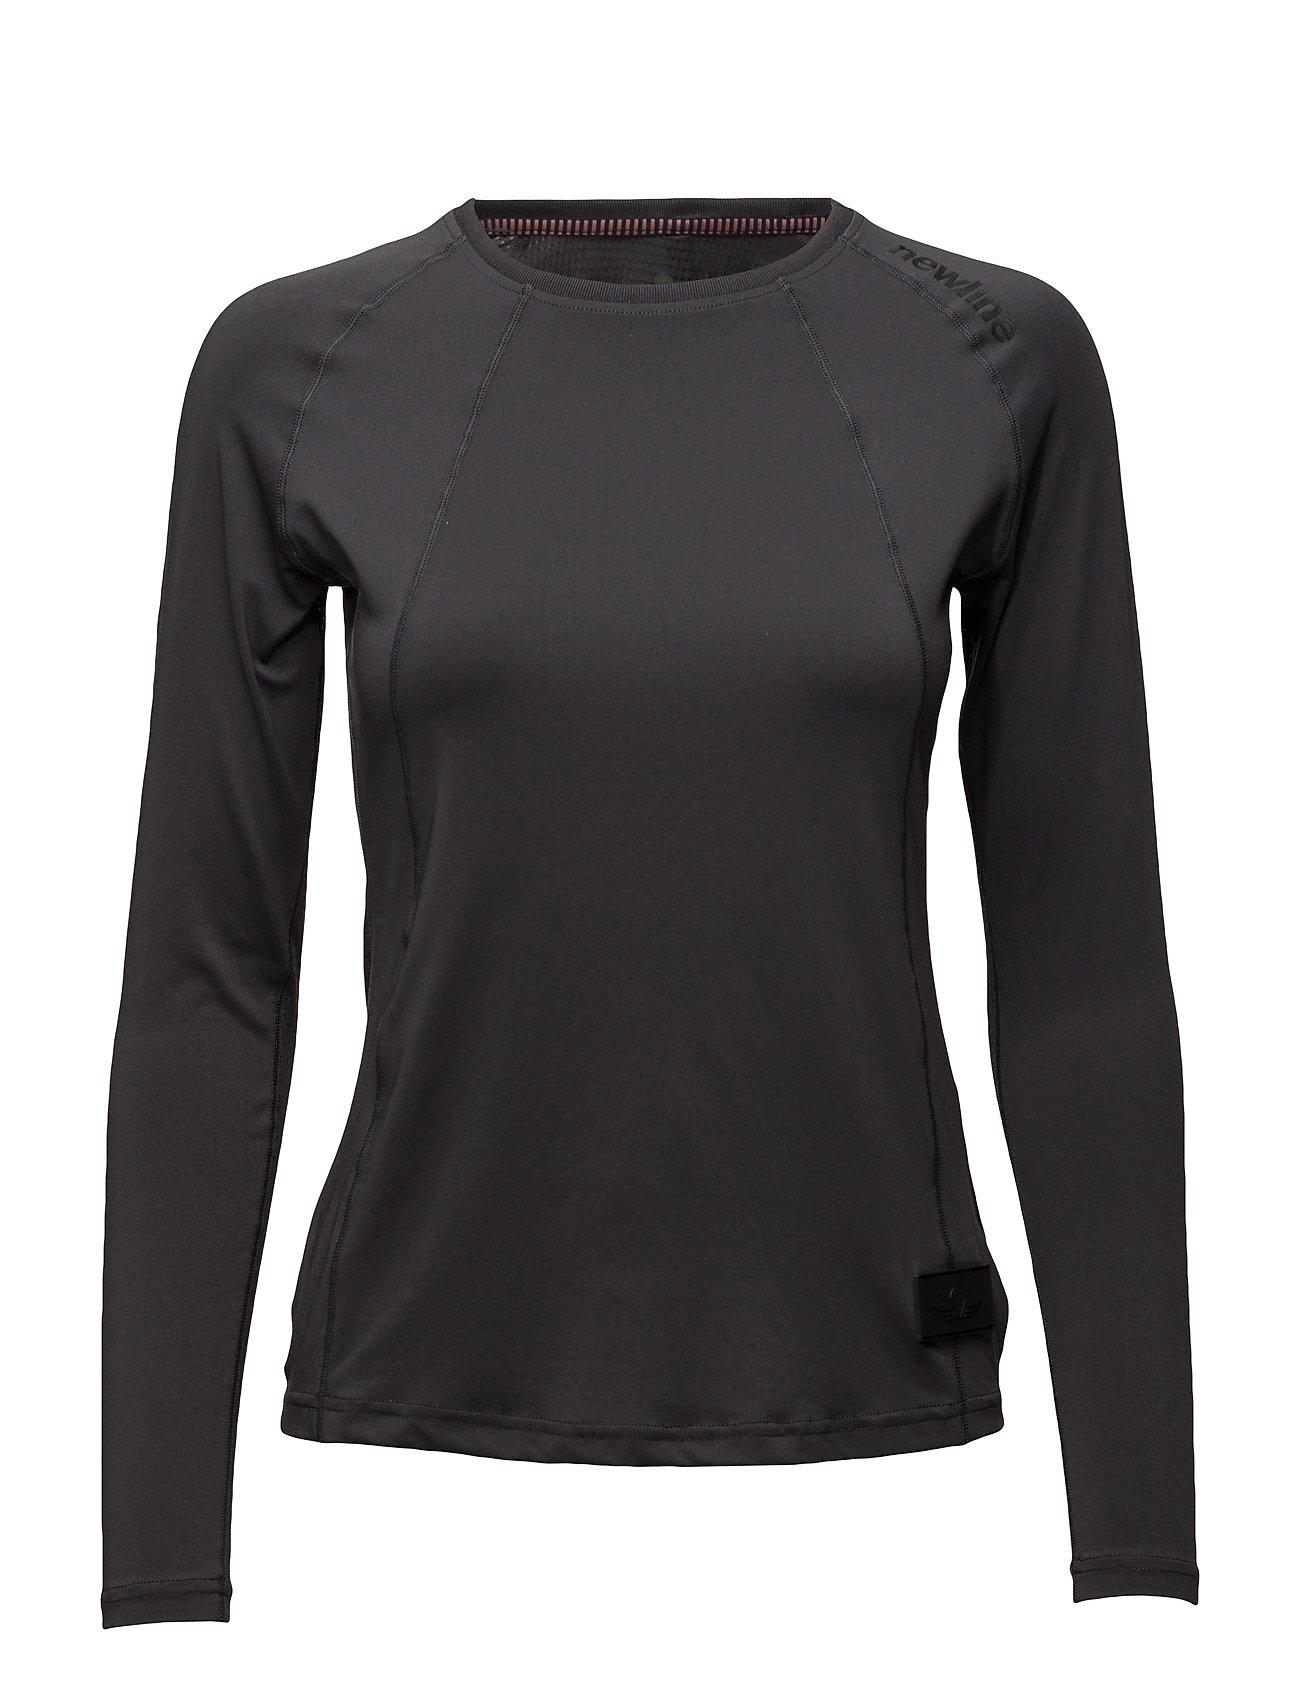 Black Airflow Shirt Newline Sports toppe til Damer i Mørkegrå